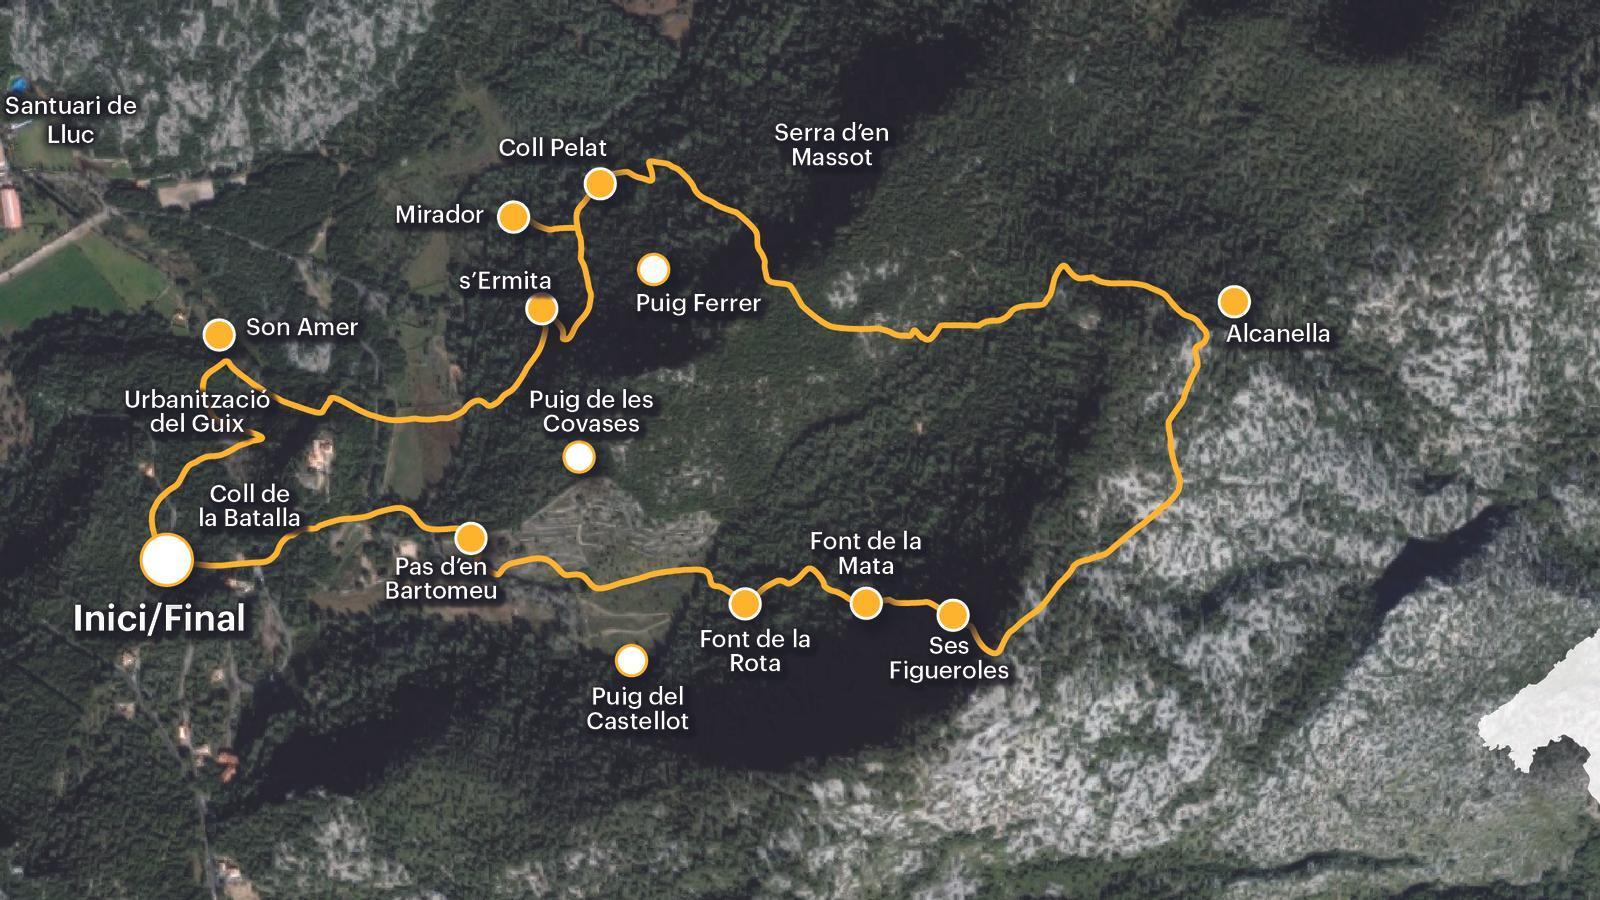 La vall d'Alcanella, un dels tresors de la serra de Tramuntana